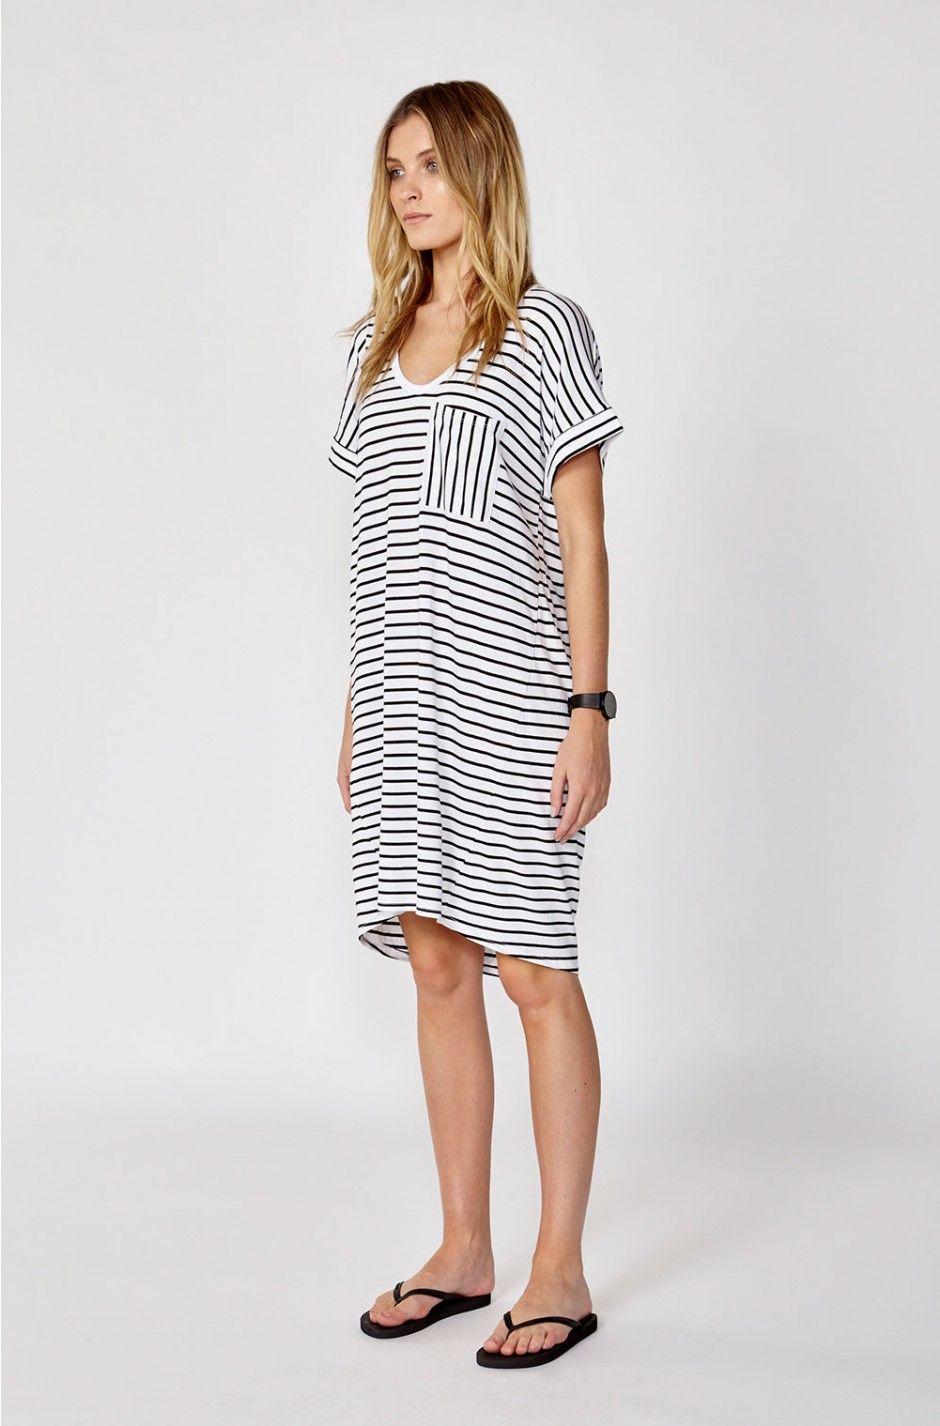 Luxe Boyfriend T Shirt Dress White Black Stripe Xs Dresses 7